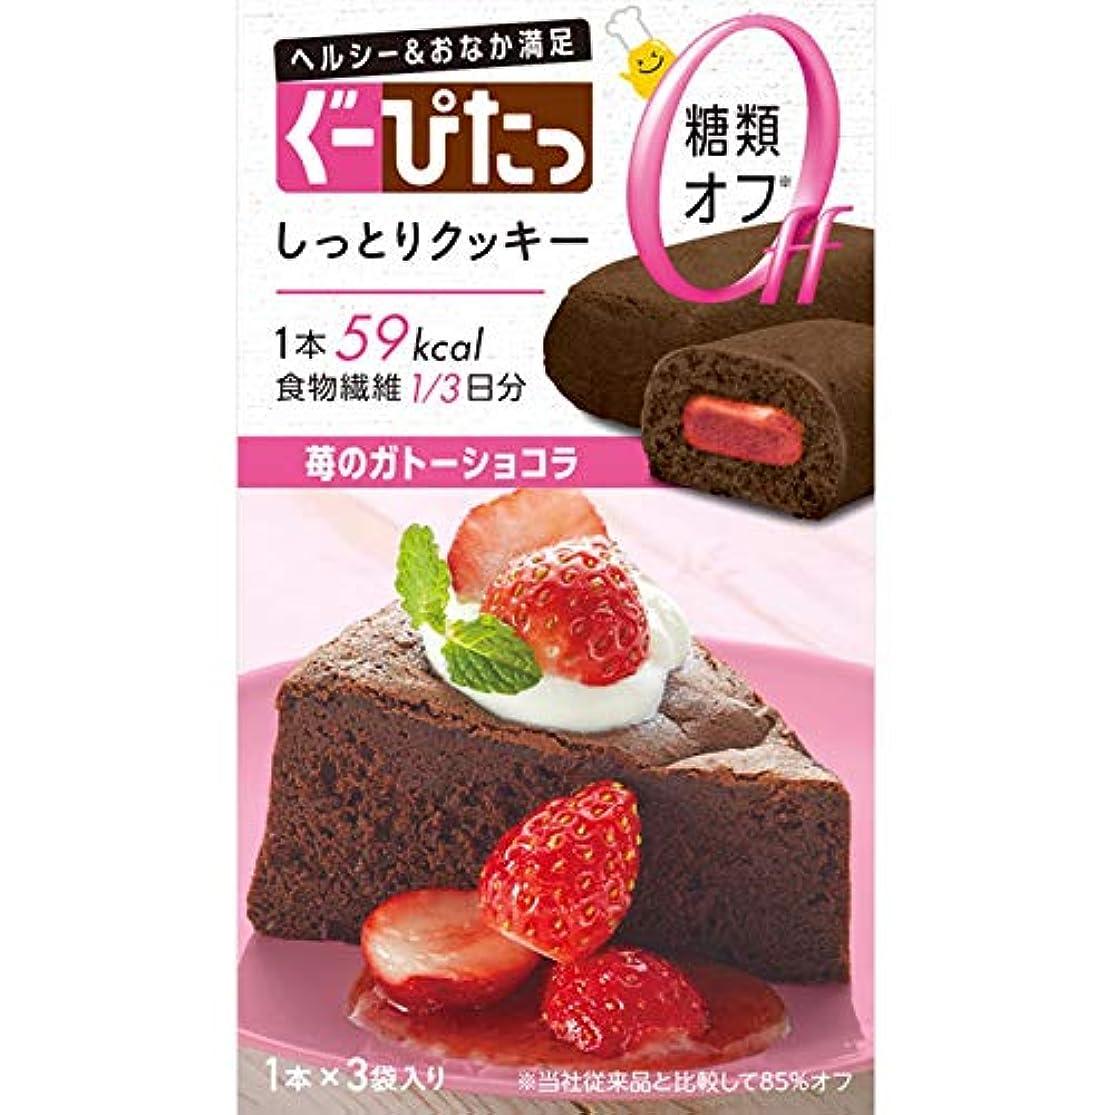 フィヨルド刺激する温度ナリスアップ ぐーぴたっ しっとりクッキー 苺のガトーショコラ (3本) ダイエット食品